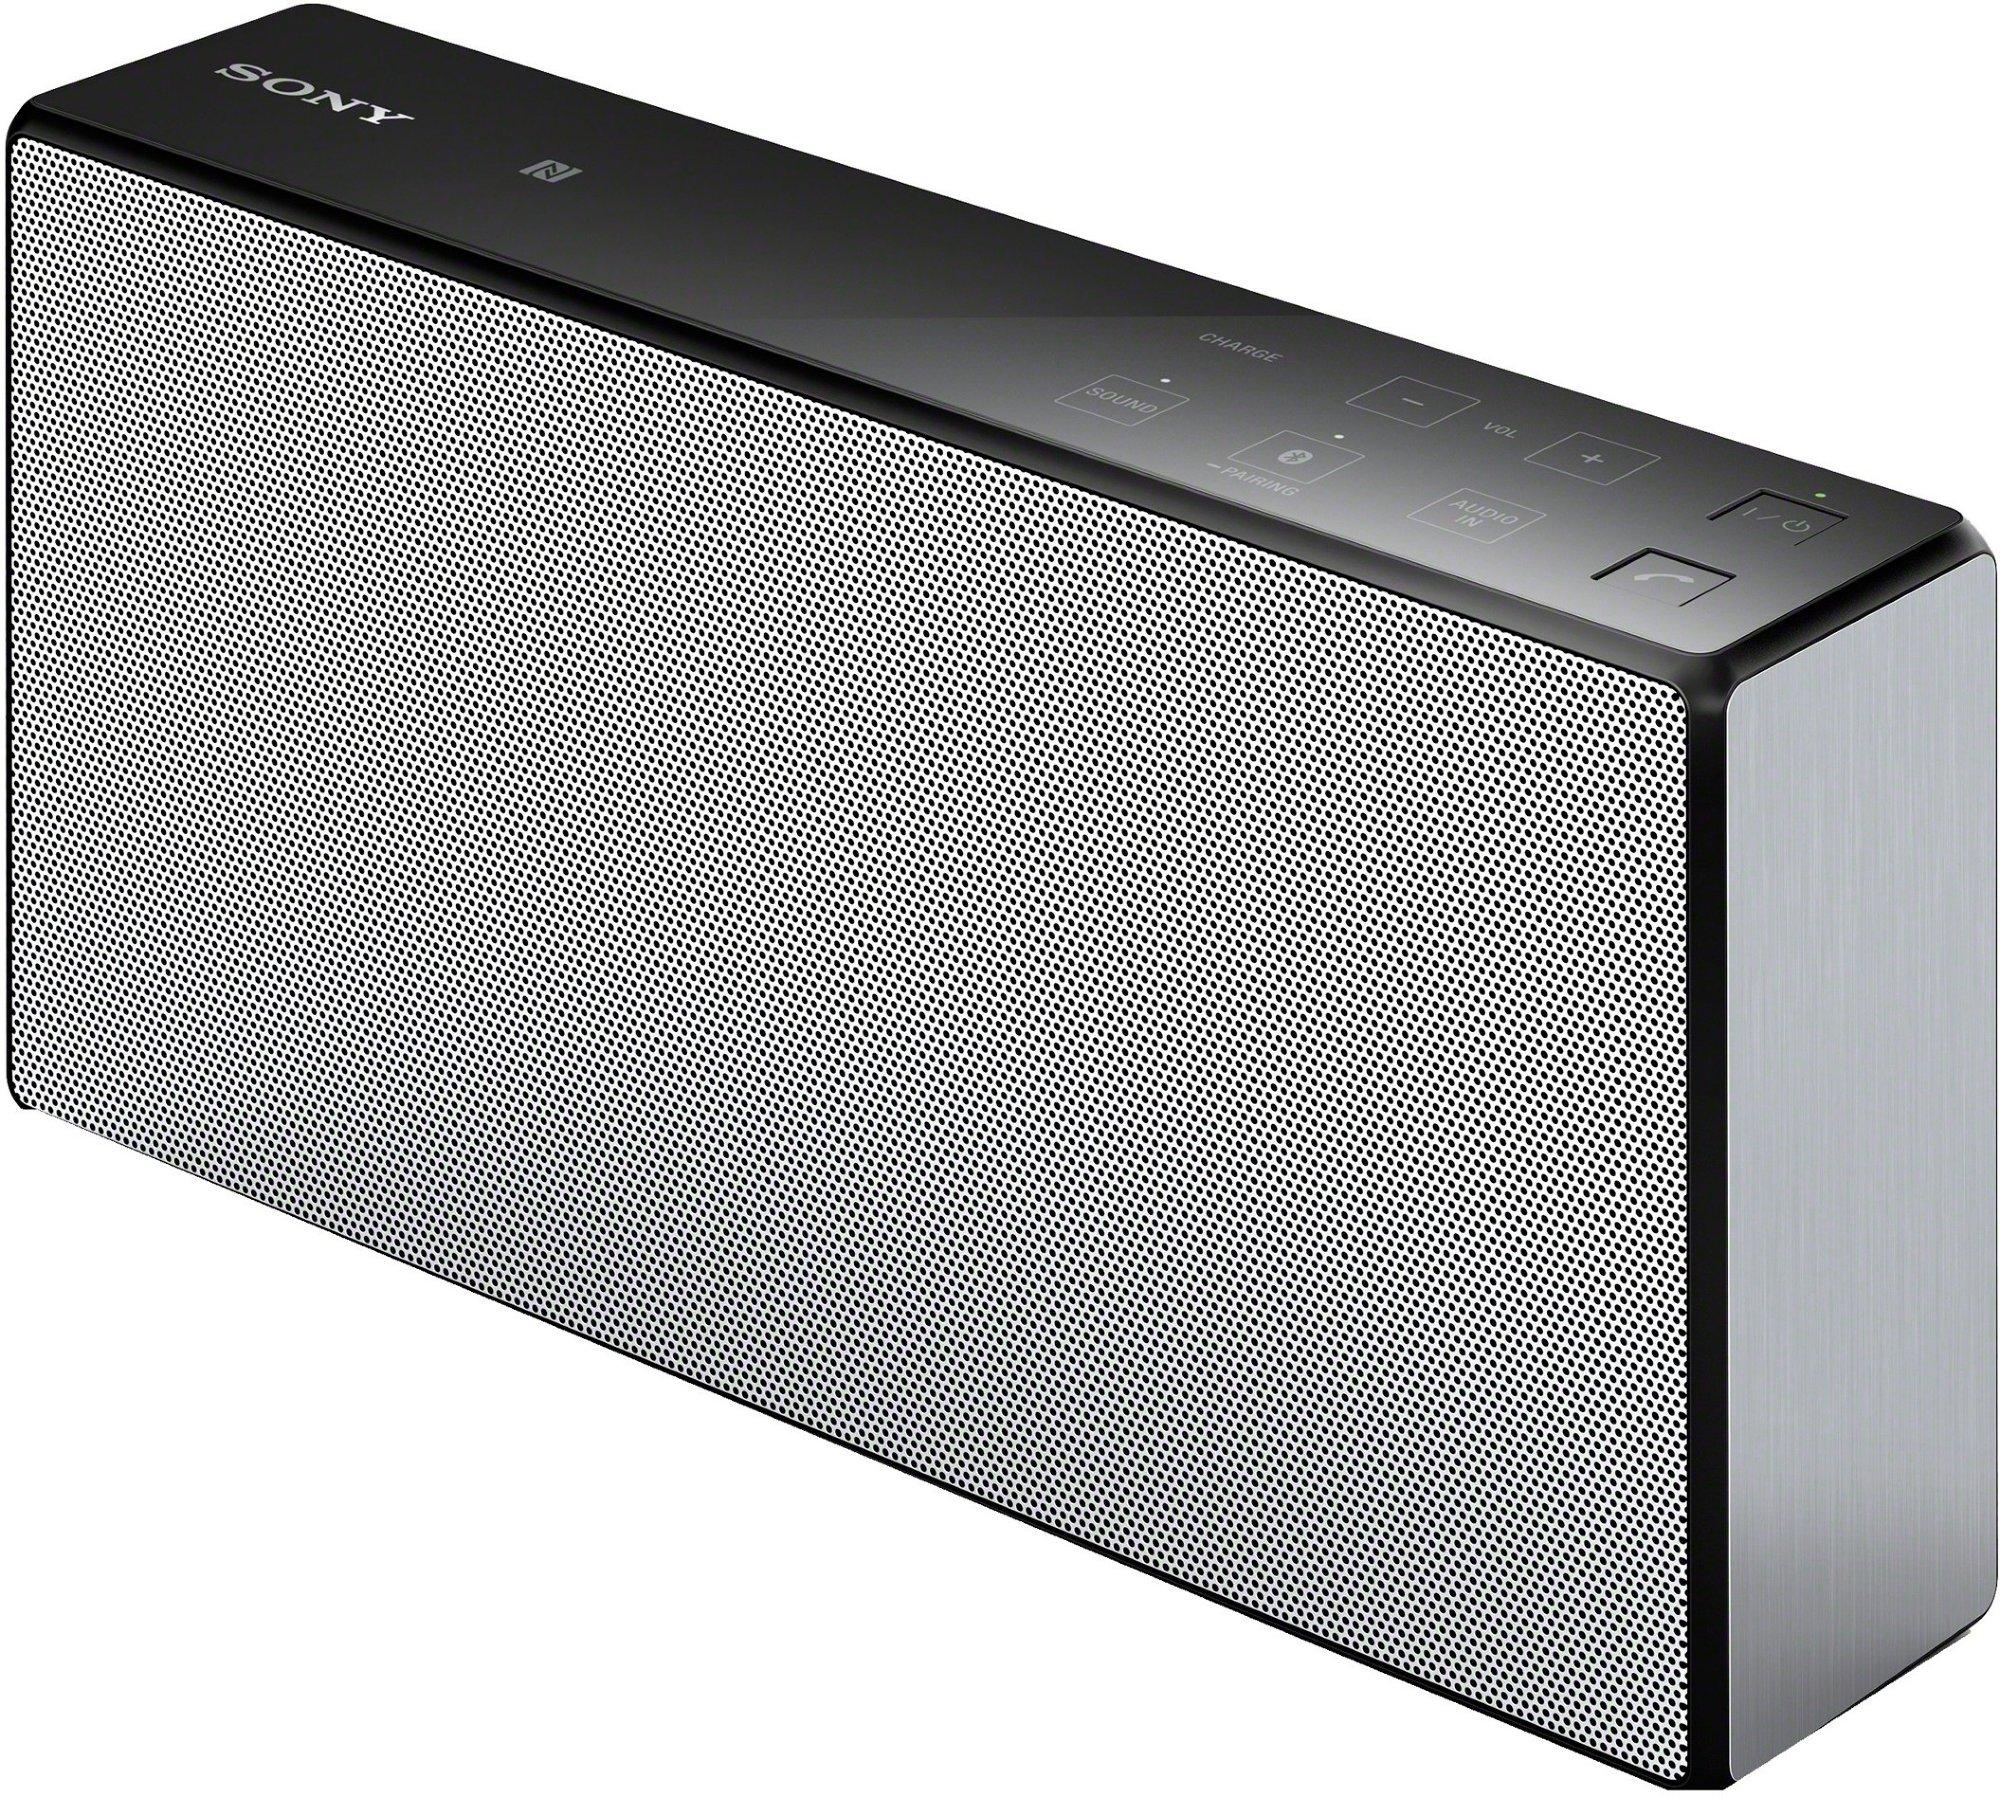 Best pris på Sony SRS X55 Se priser før kjøp i Prisguiden